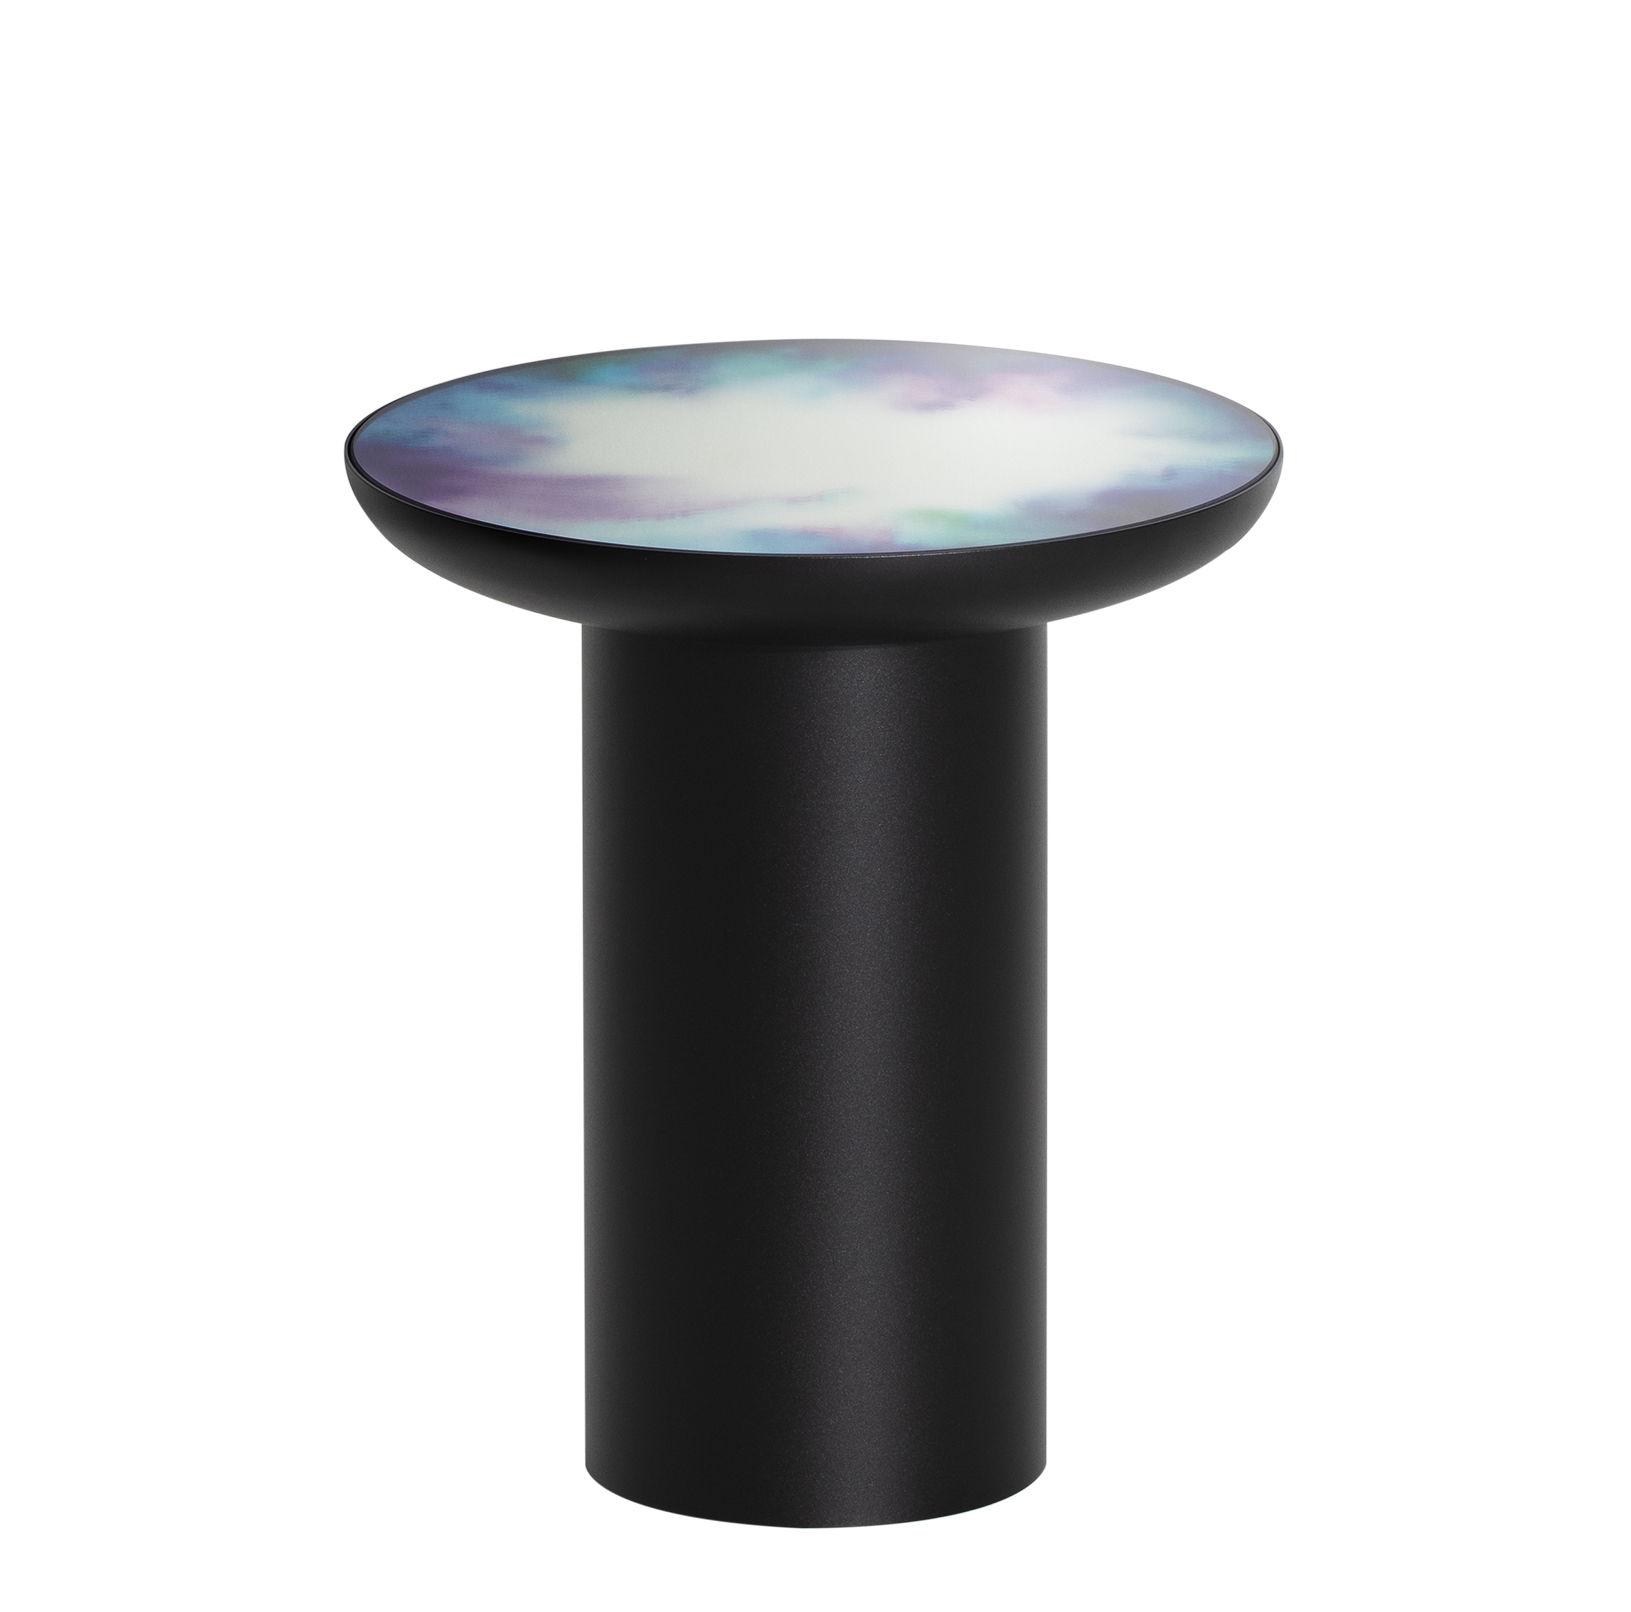 Mobilier - Tables basses - Table d'appoint Francis / Ø 40 x H 45 cm - Miroir - Petite Friture - Noir / Miroir coloré - Acier peint, Verre Sécurit coloré